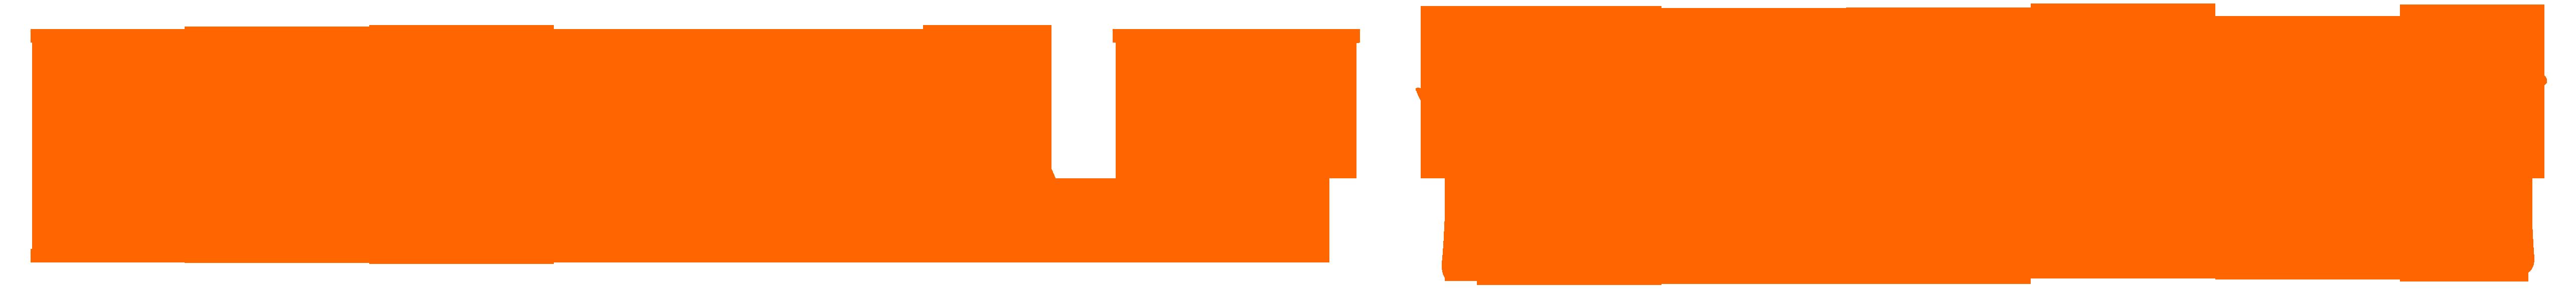 博联建站橙